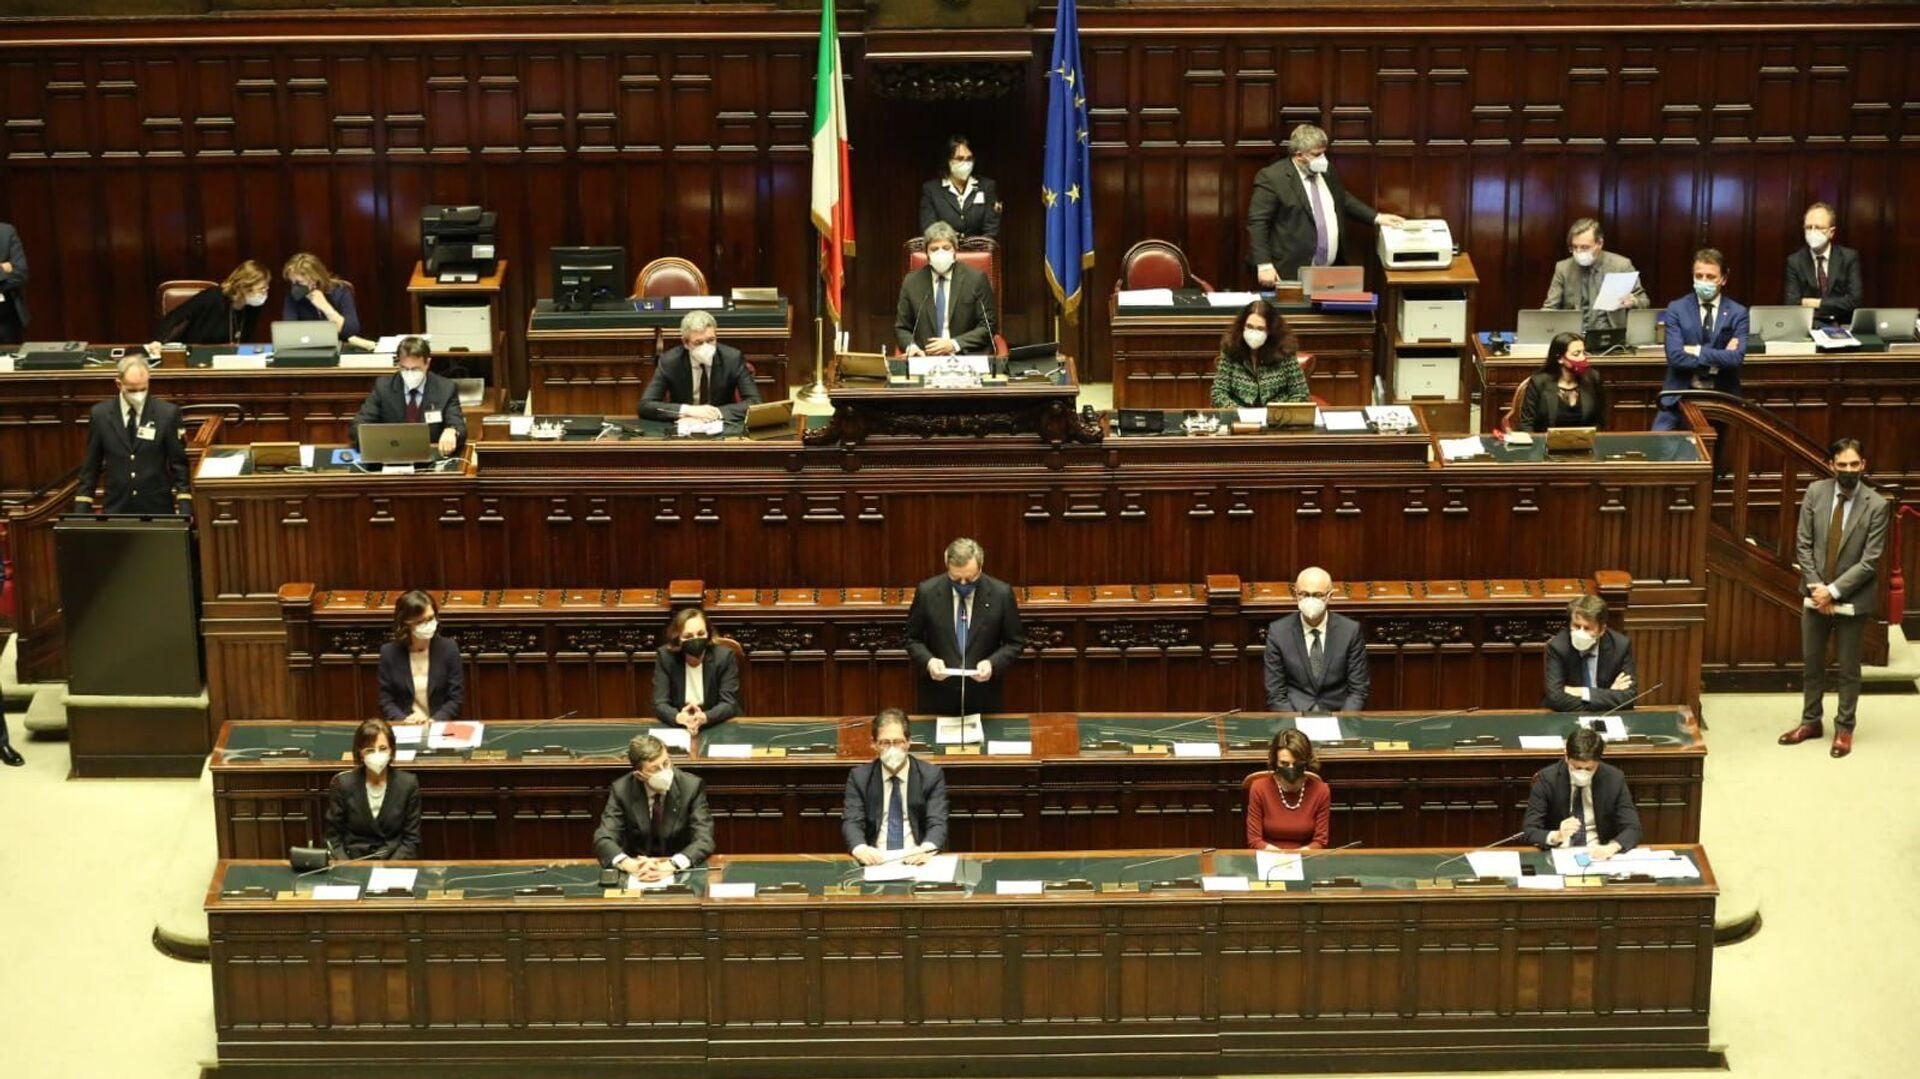 Presidente Mario Draghi durante il voto alla fiducia alla Camera dei Deputati - Sputnik Italia, 1920, 18.02.2021